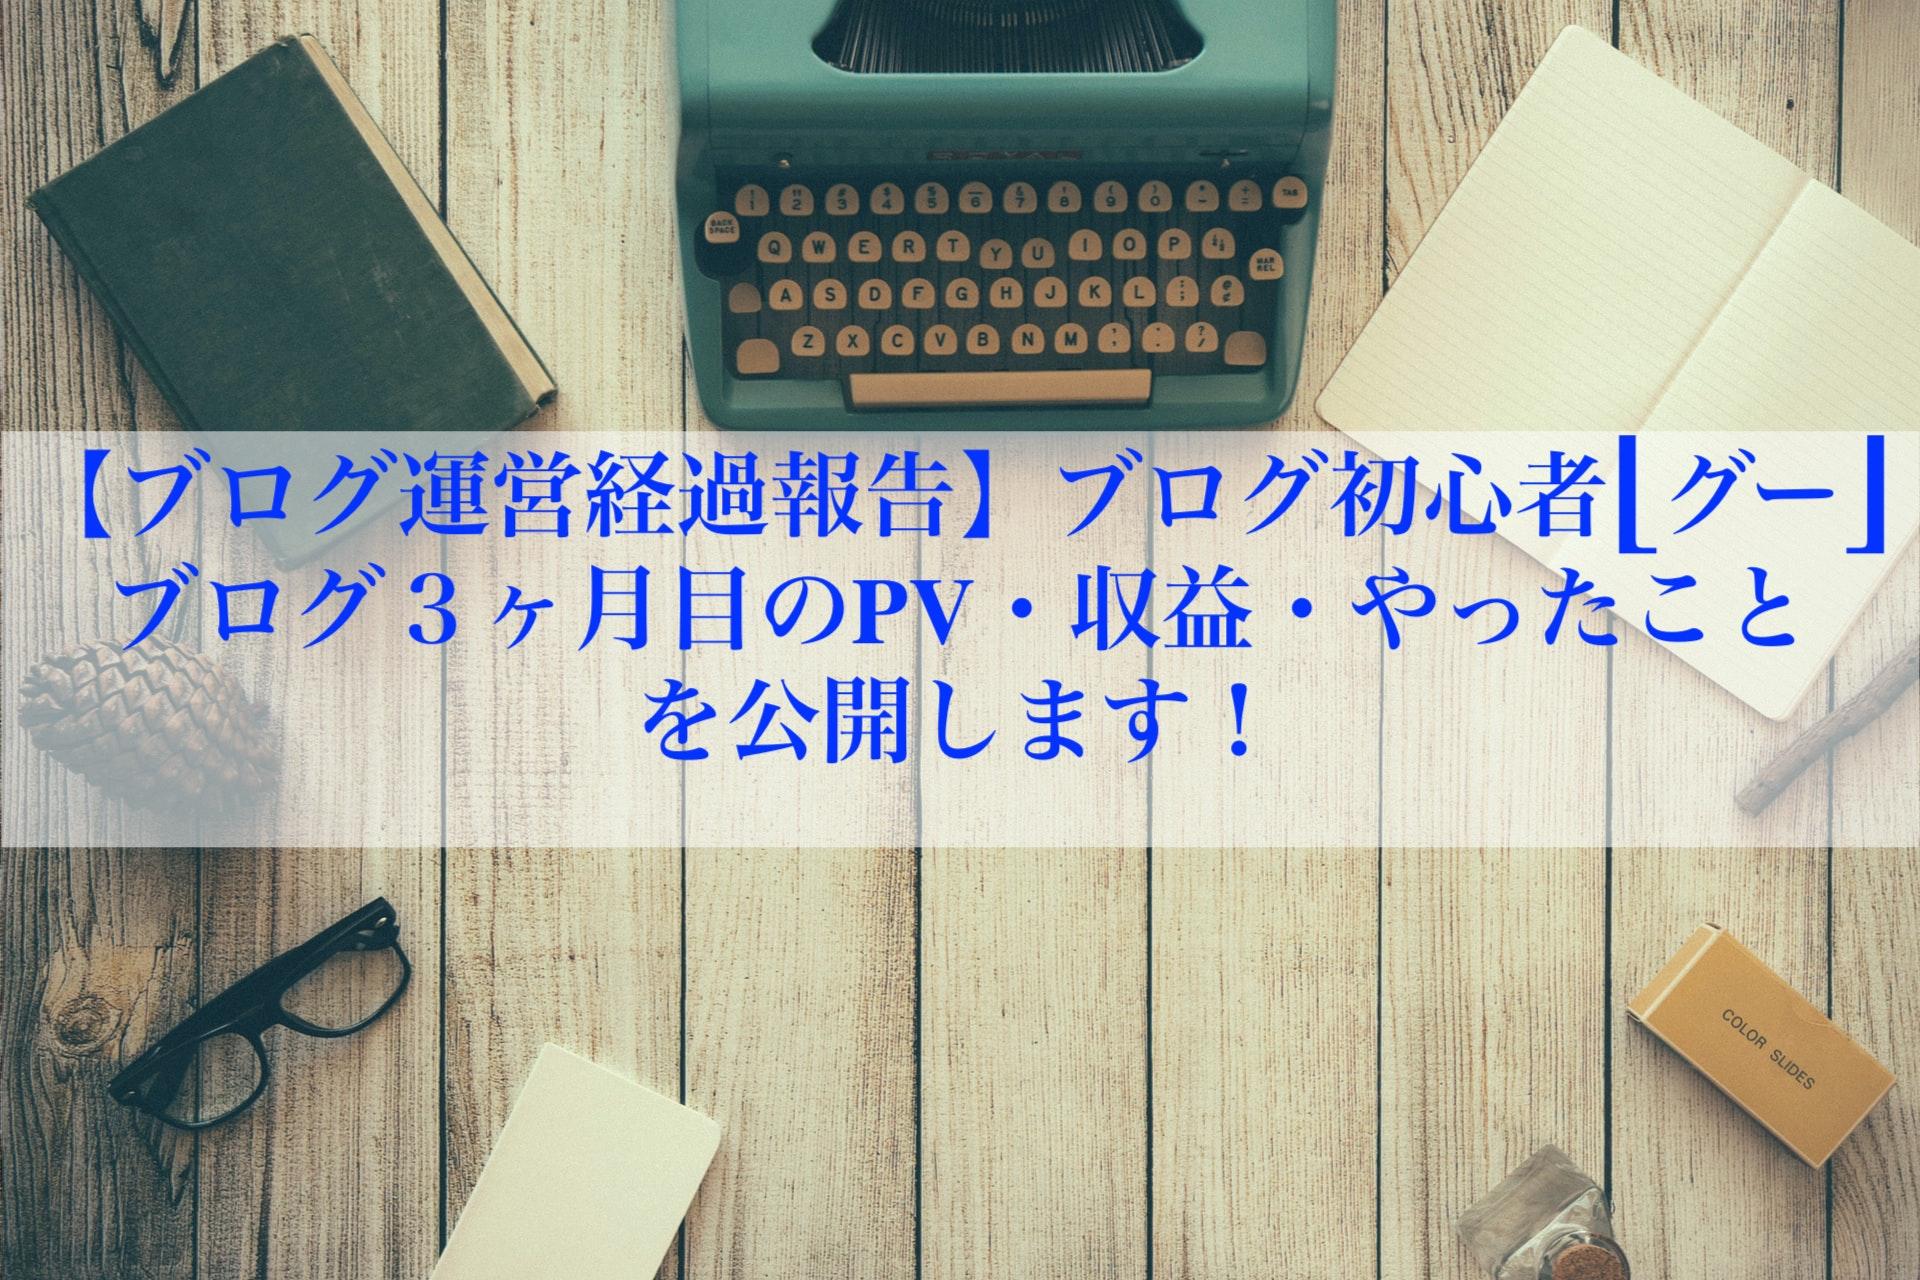 【ブログ運営経過報告】ブログ初心者[グー] ブログ3ヶ月目のPV・収益・やったことを公開します!